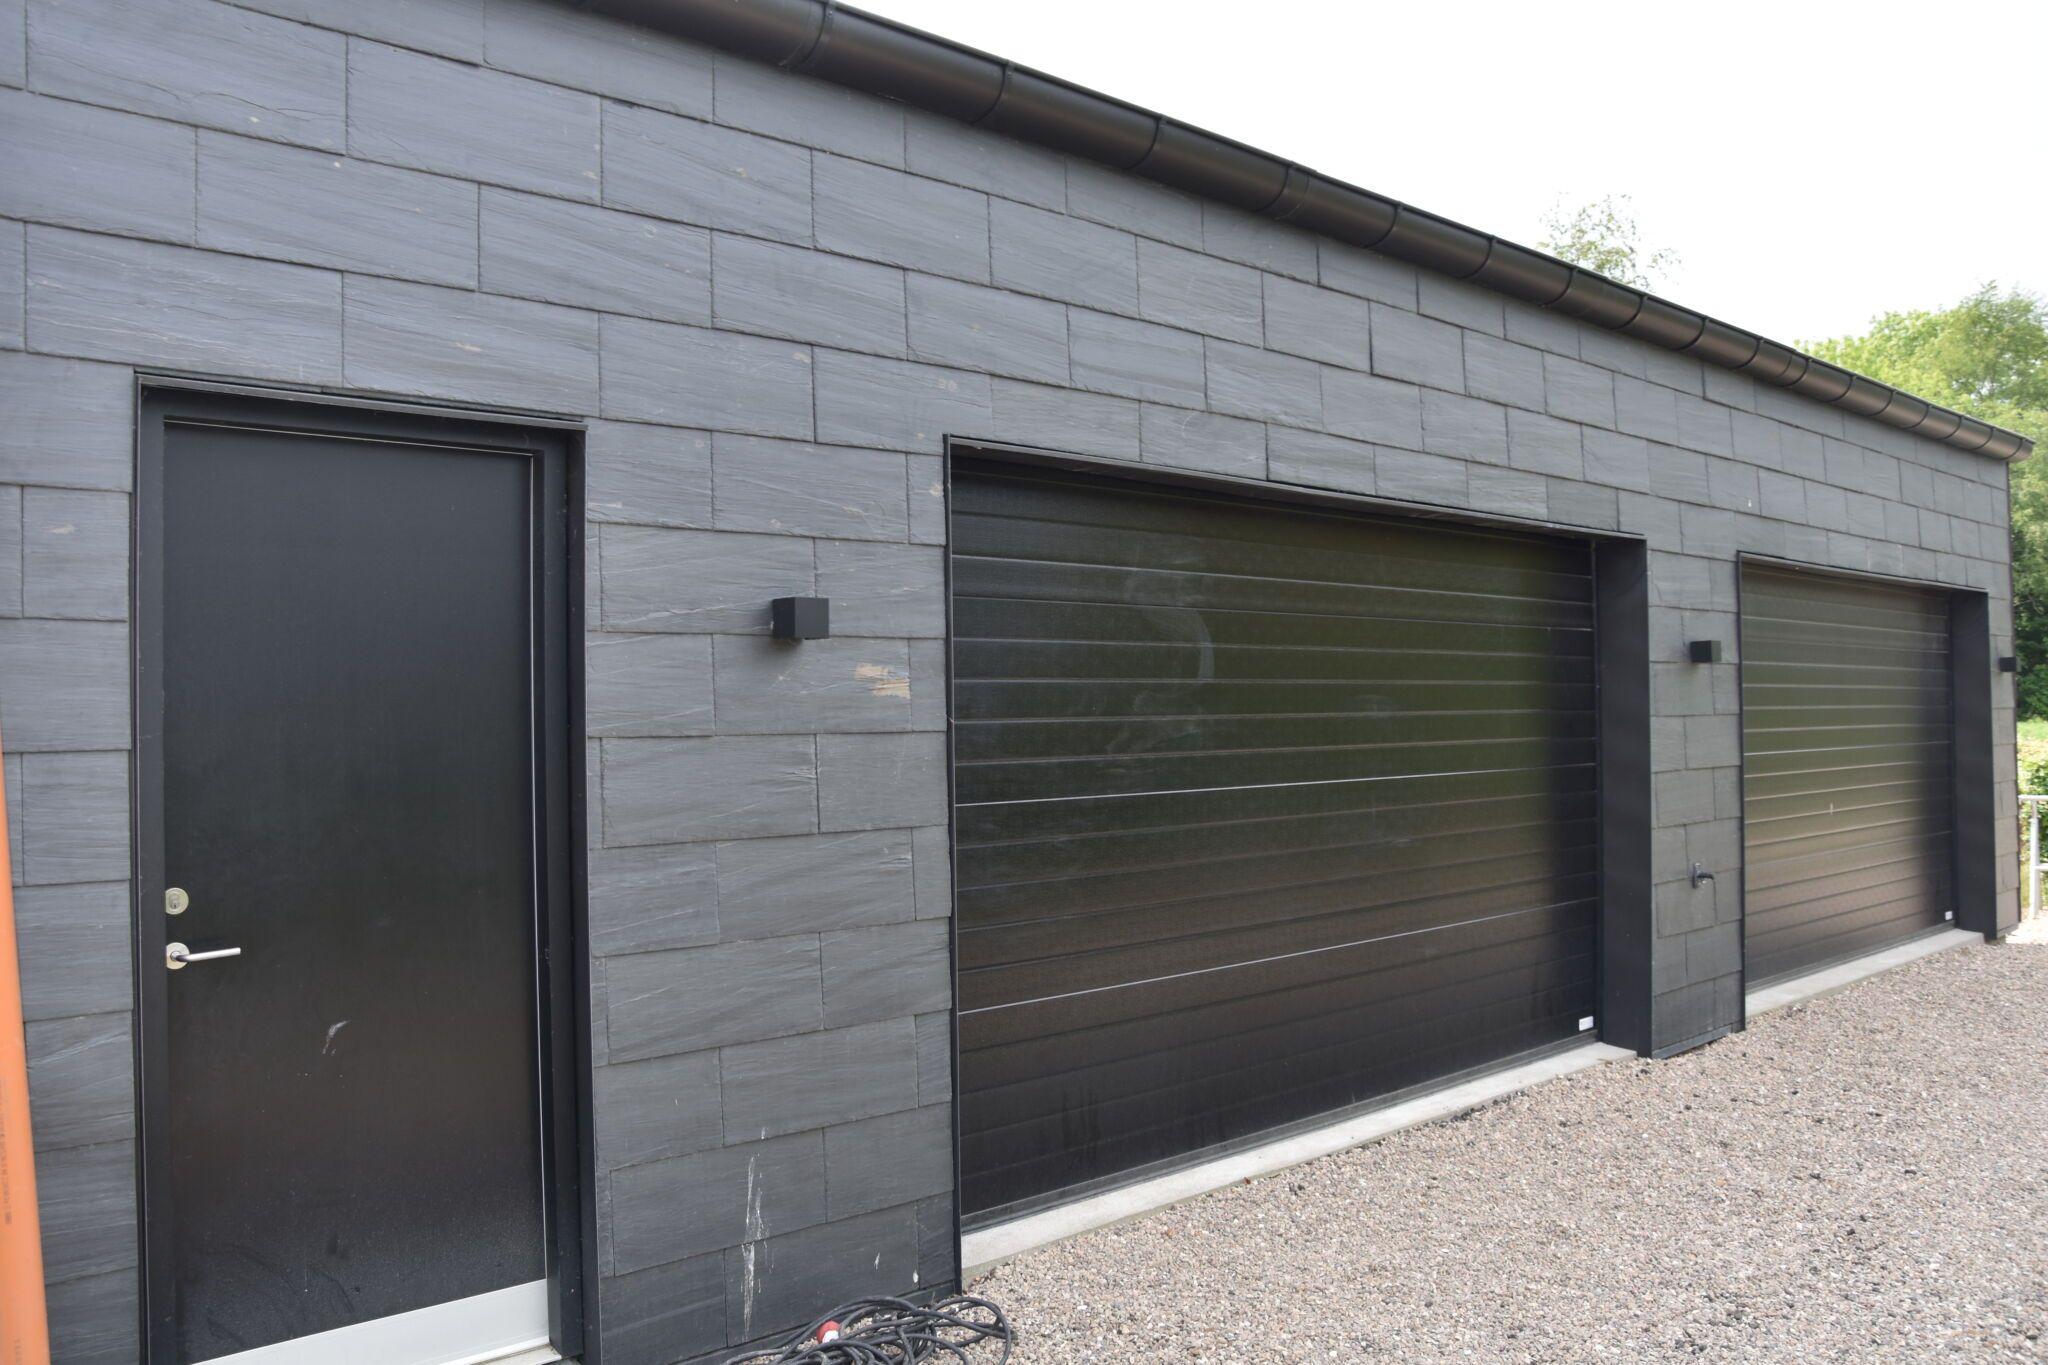 Carport-sort-hus-tømrerarbejde